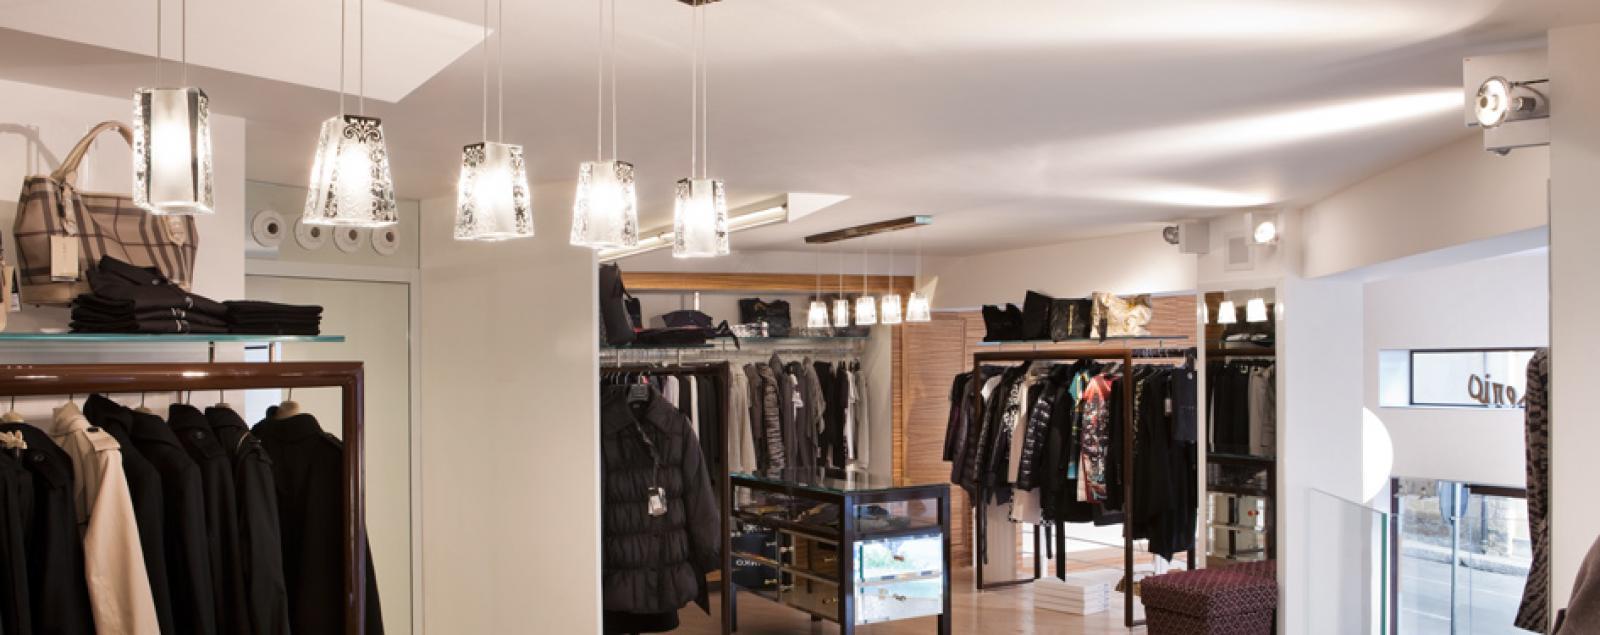 illuminazione negozio abbigliamento lampade vetrine On illuminazione negozi